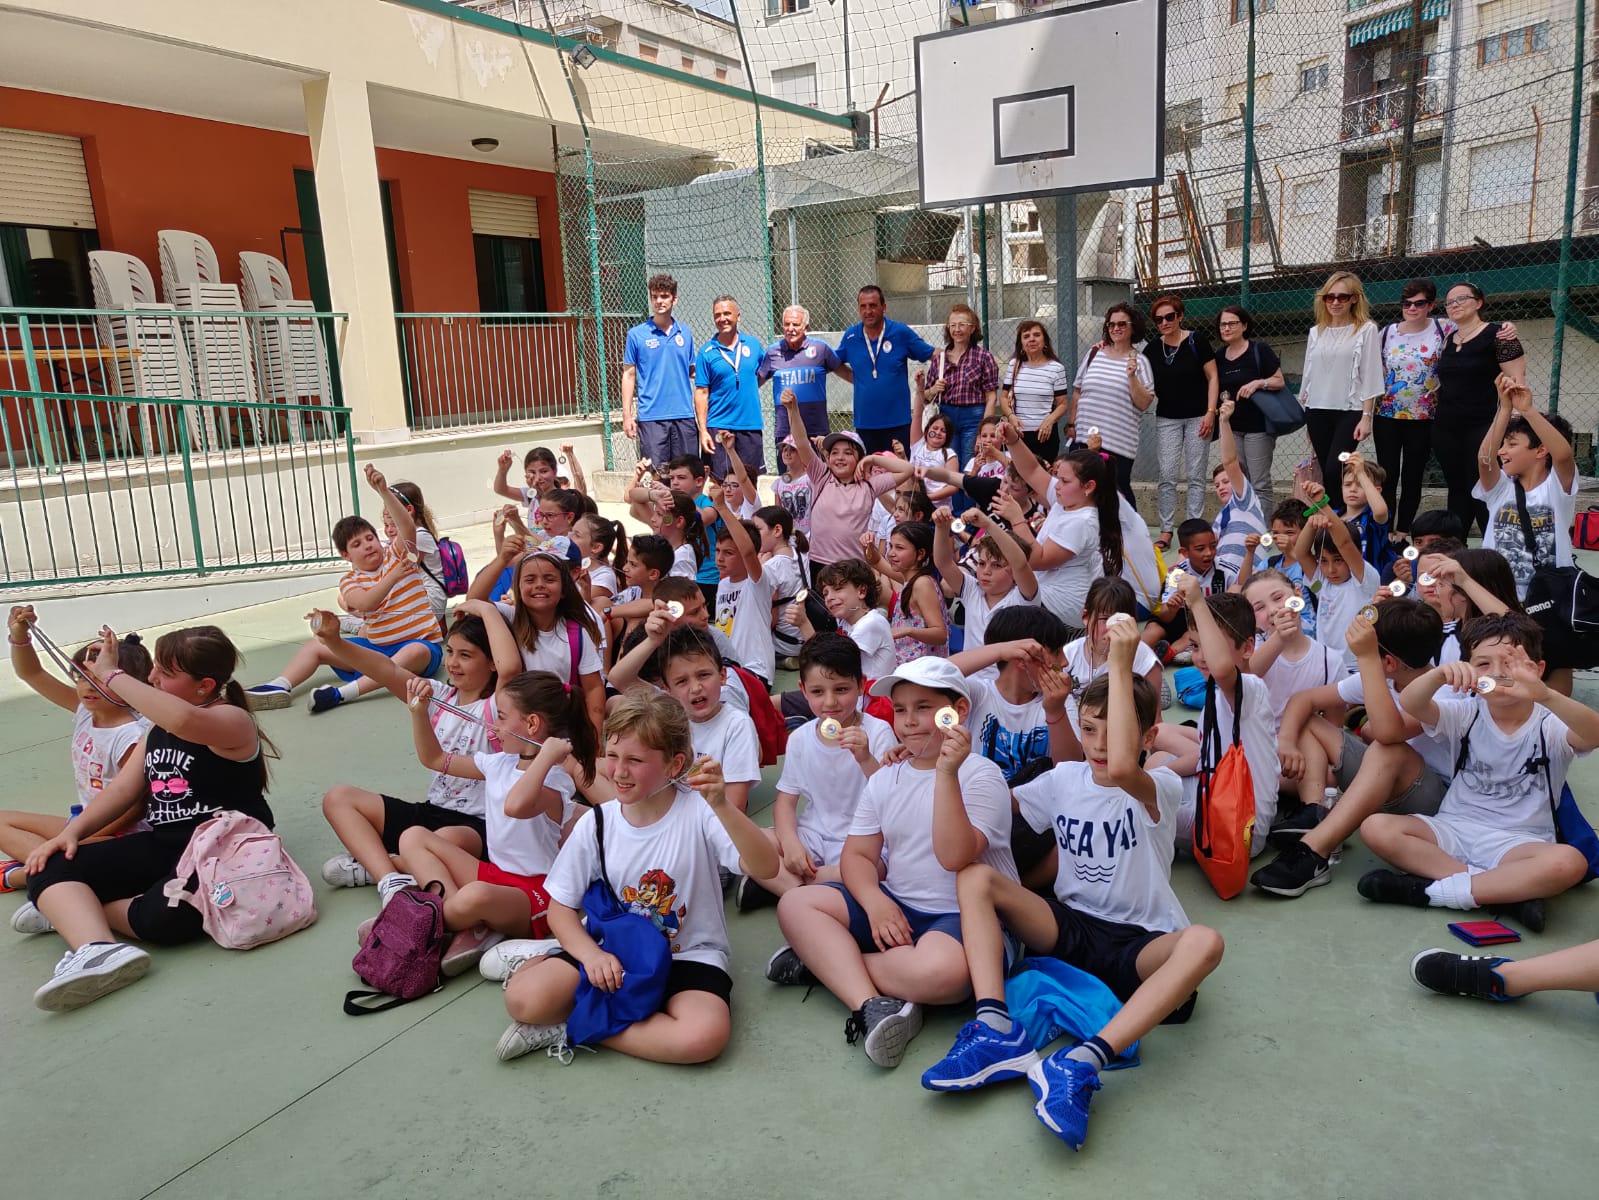 Il torneo di calcio della Scuola Spataro conclude l'attività Bacigalupo Calcio Vasto. 10 ragazze dell'Ic1 di Vasto parteciperanno al Grassroots a Coverciano